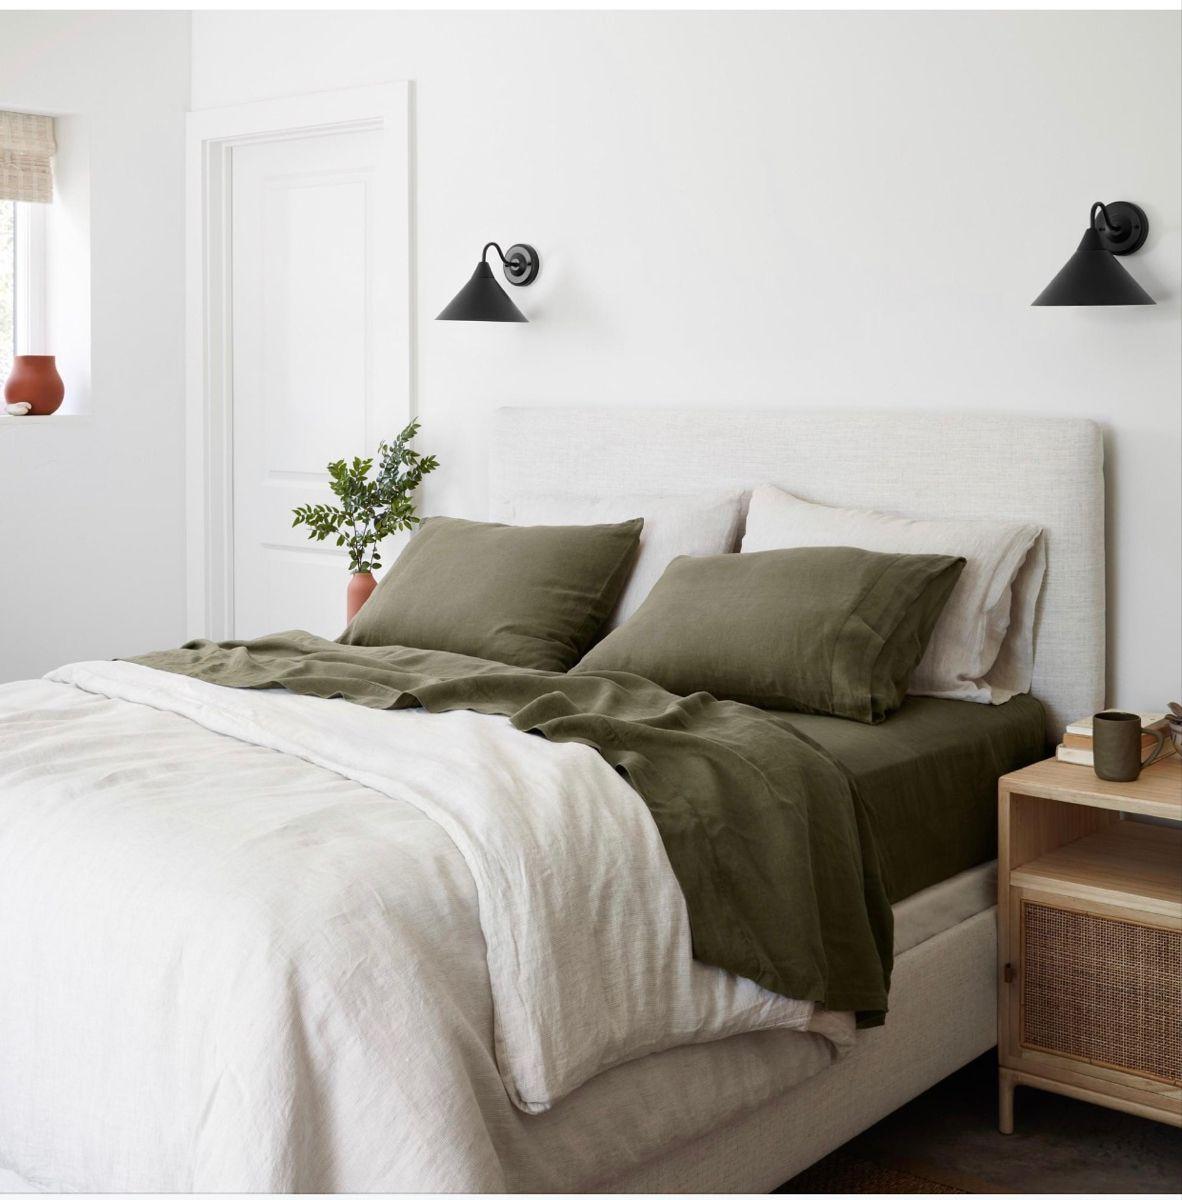 Pin by Maddie Burkey on ιℓєαgиєѕ ️ in 2020 Bedroom